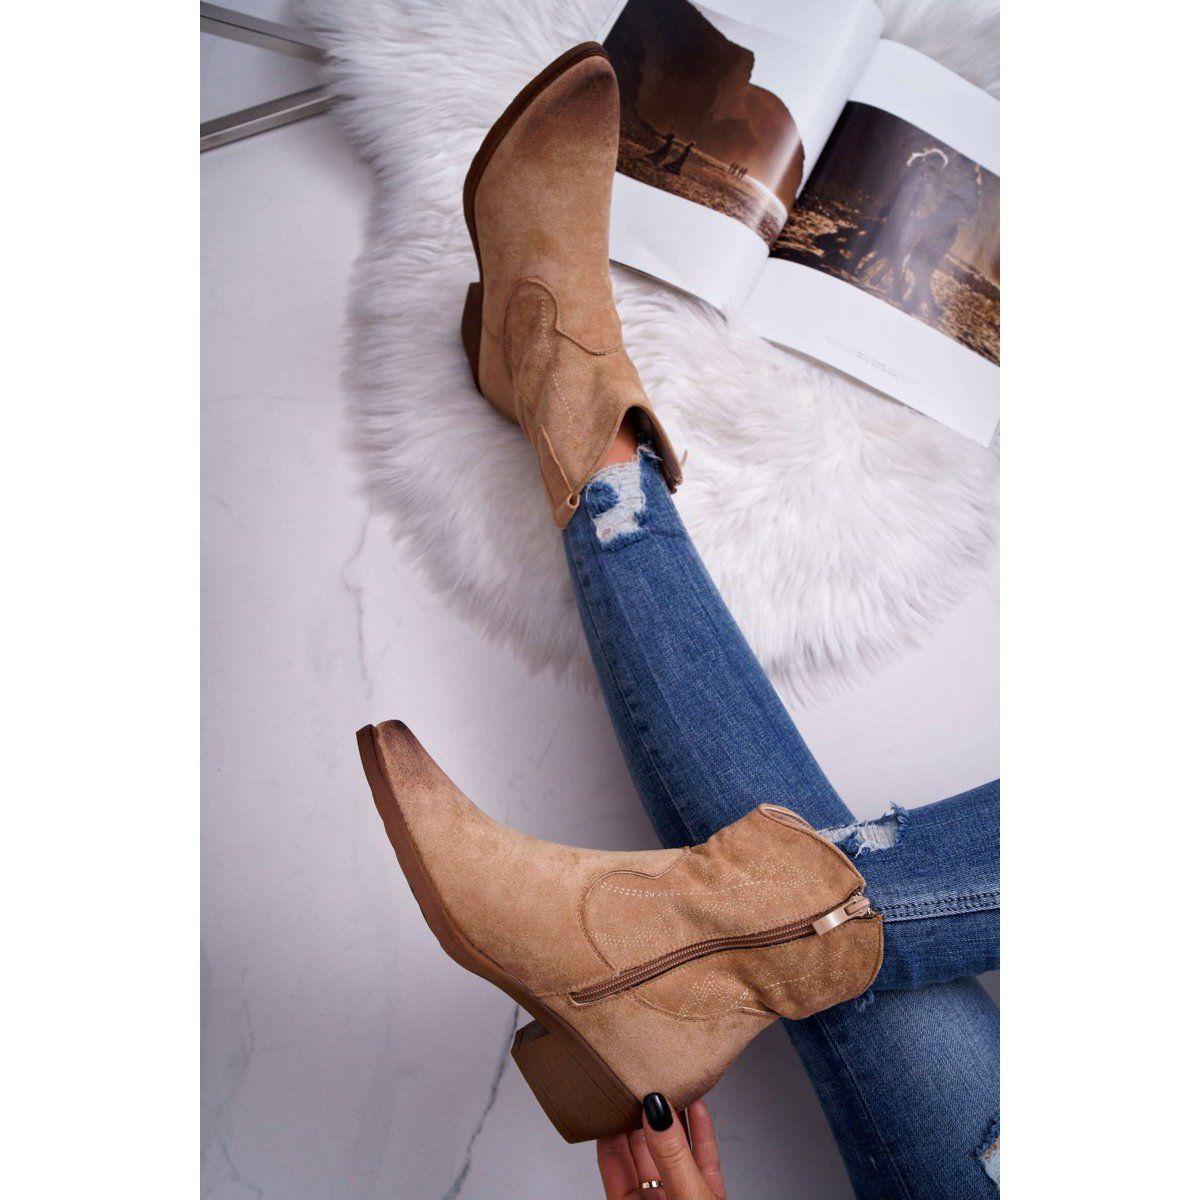 Bugo Damskie Botki Kowbojki Zamszowe Bezowe Ferders Bezowy Heels Boots Ankle Boot